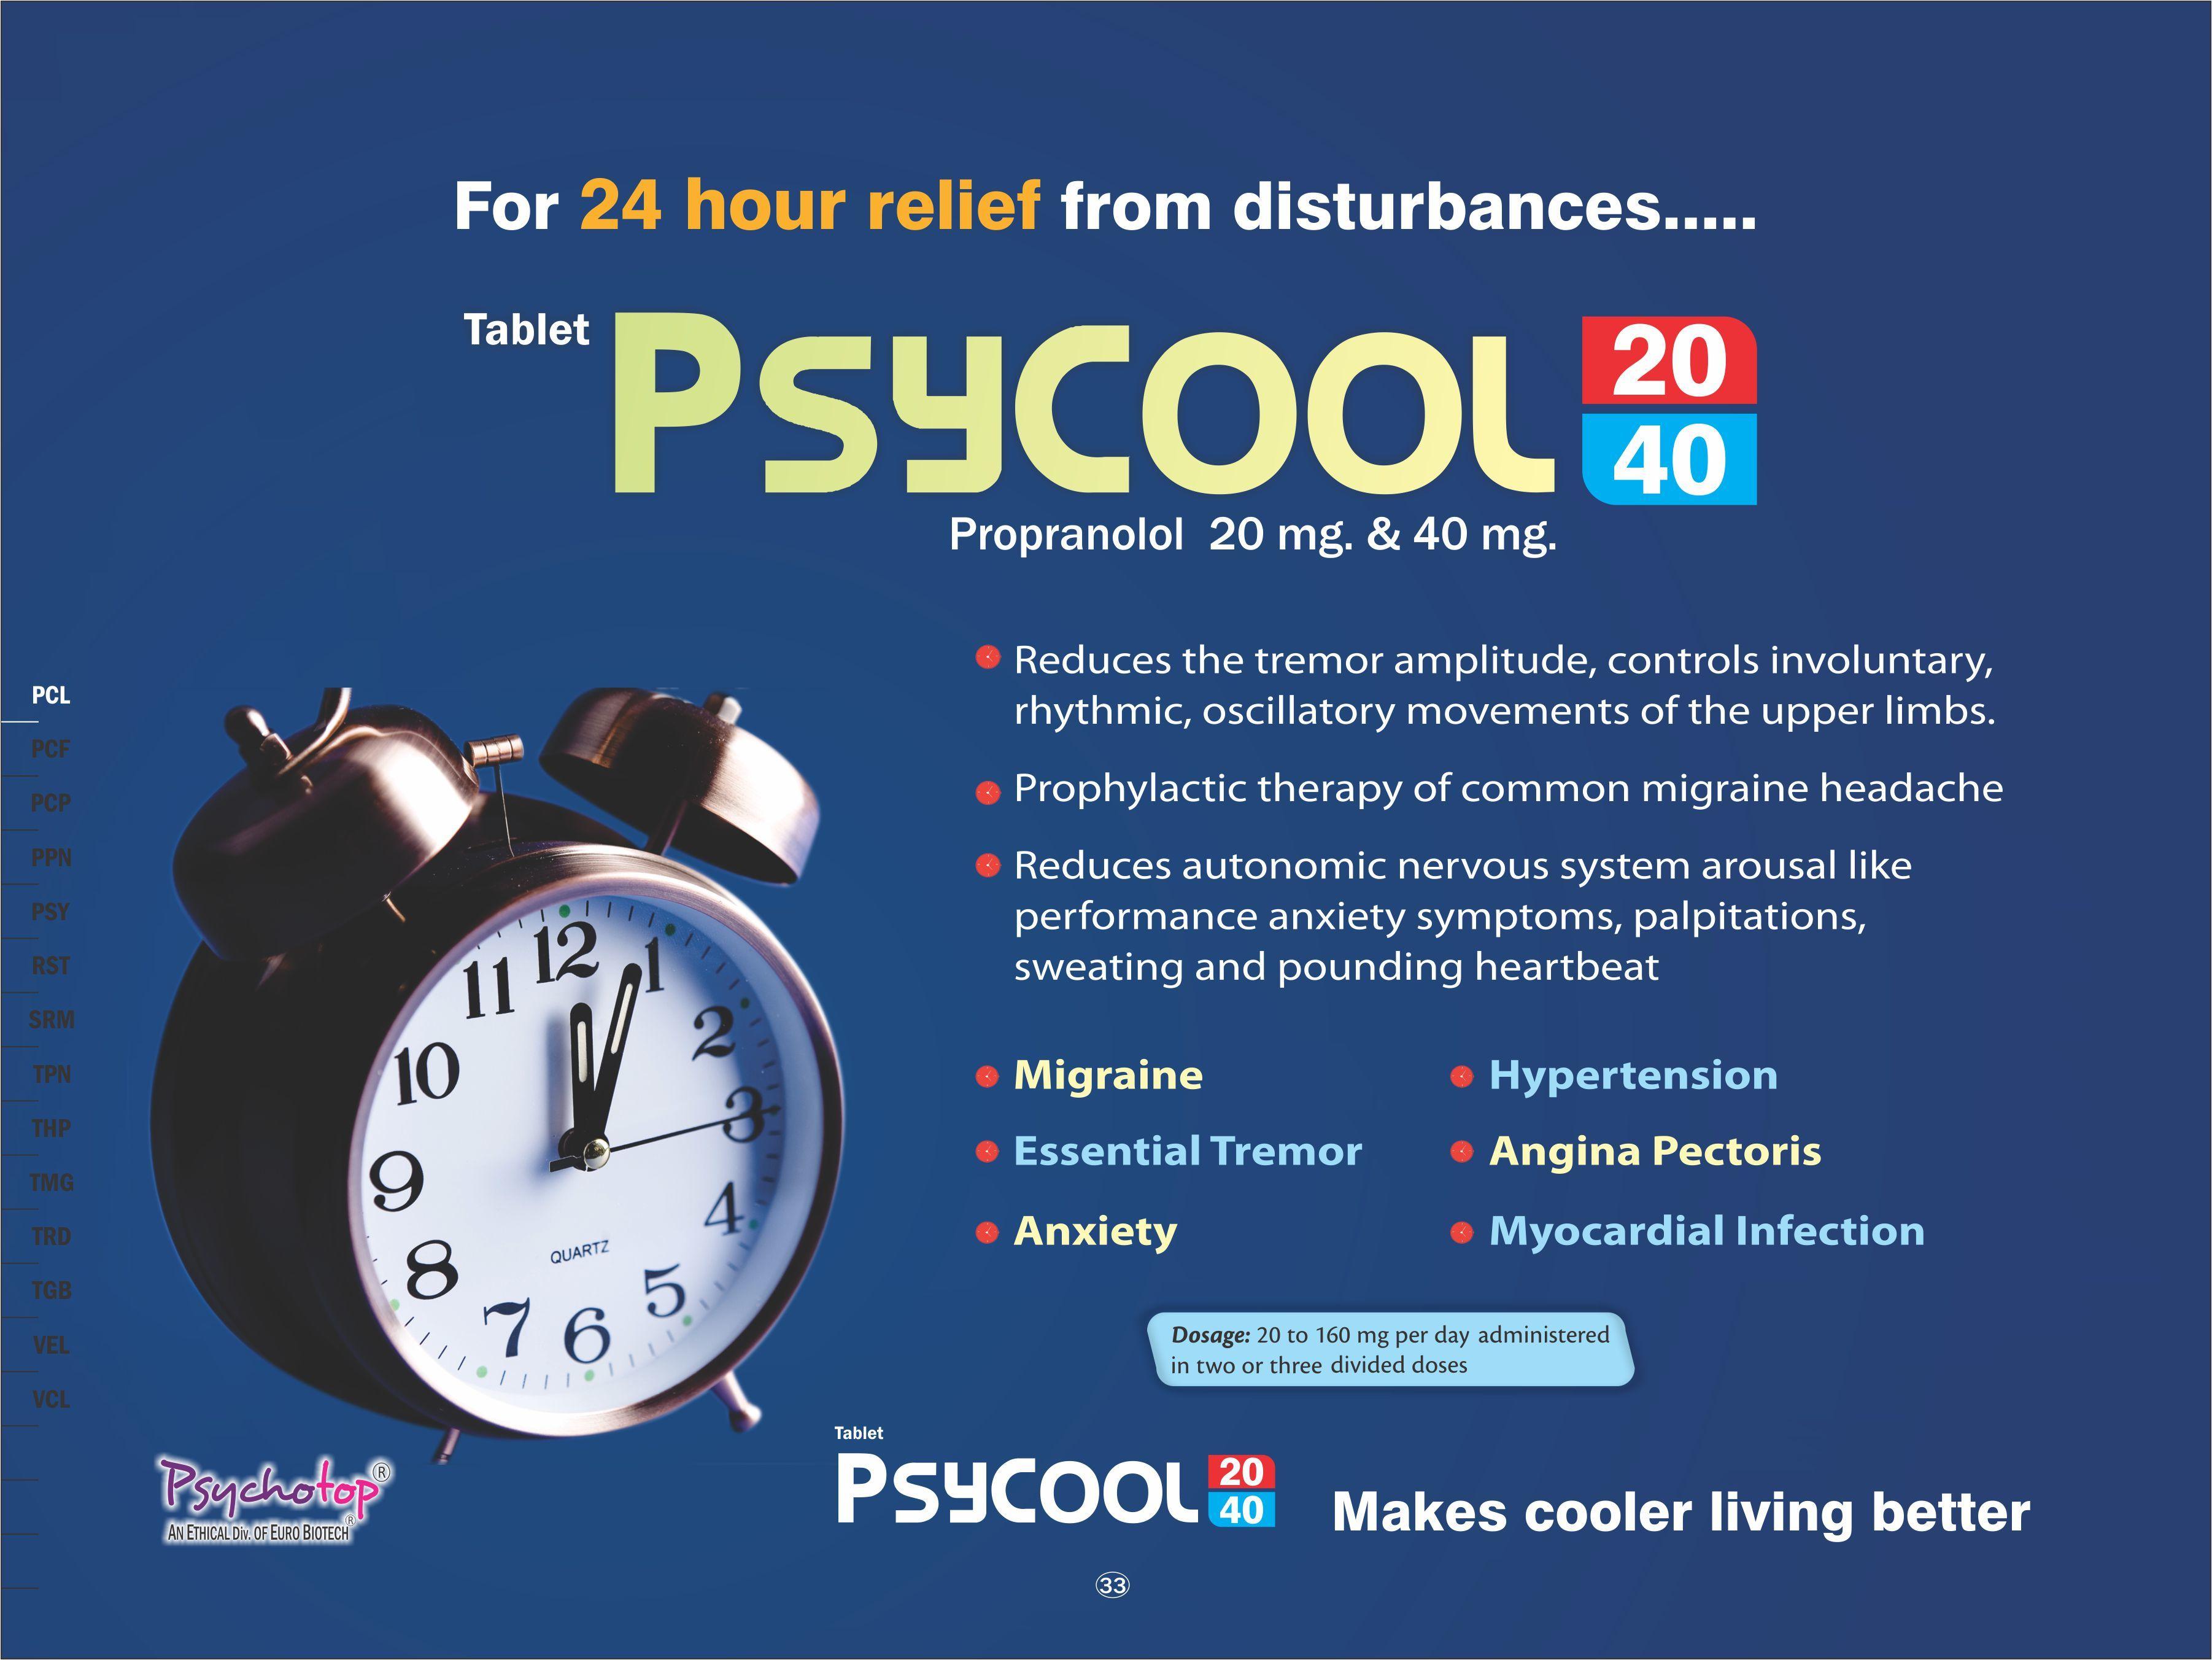 Propranolol 20 mg & 40 mg